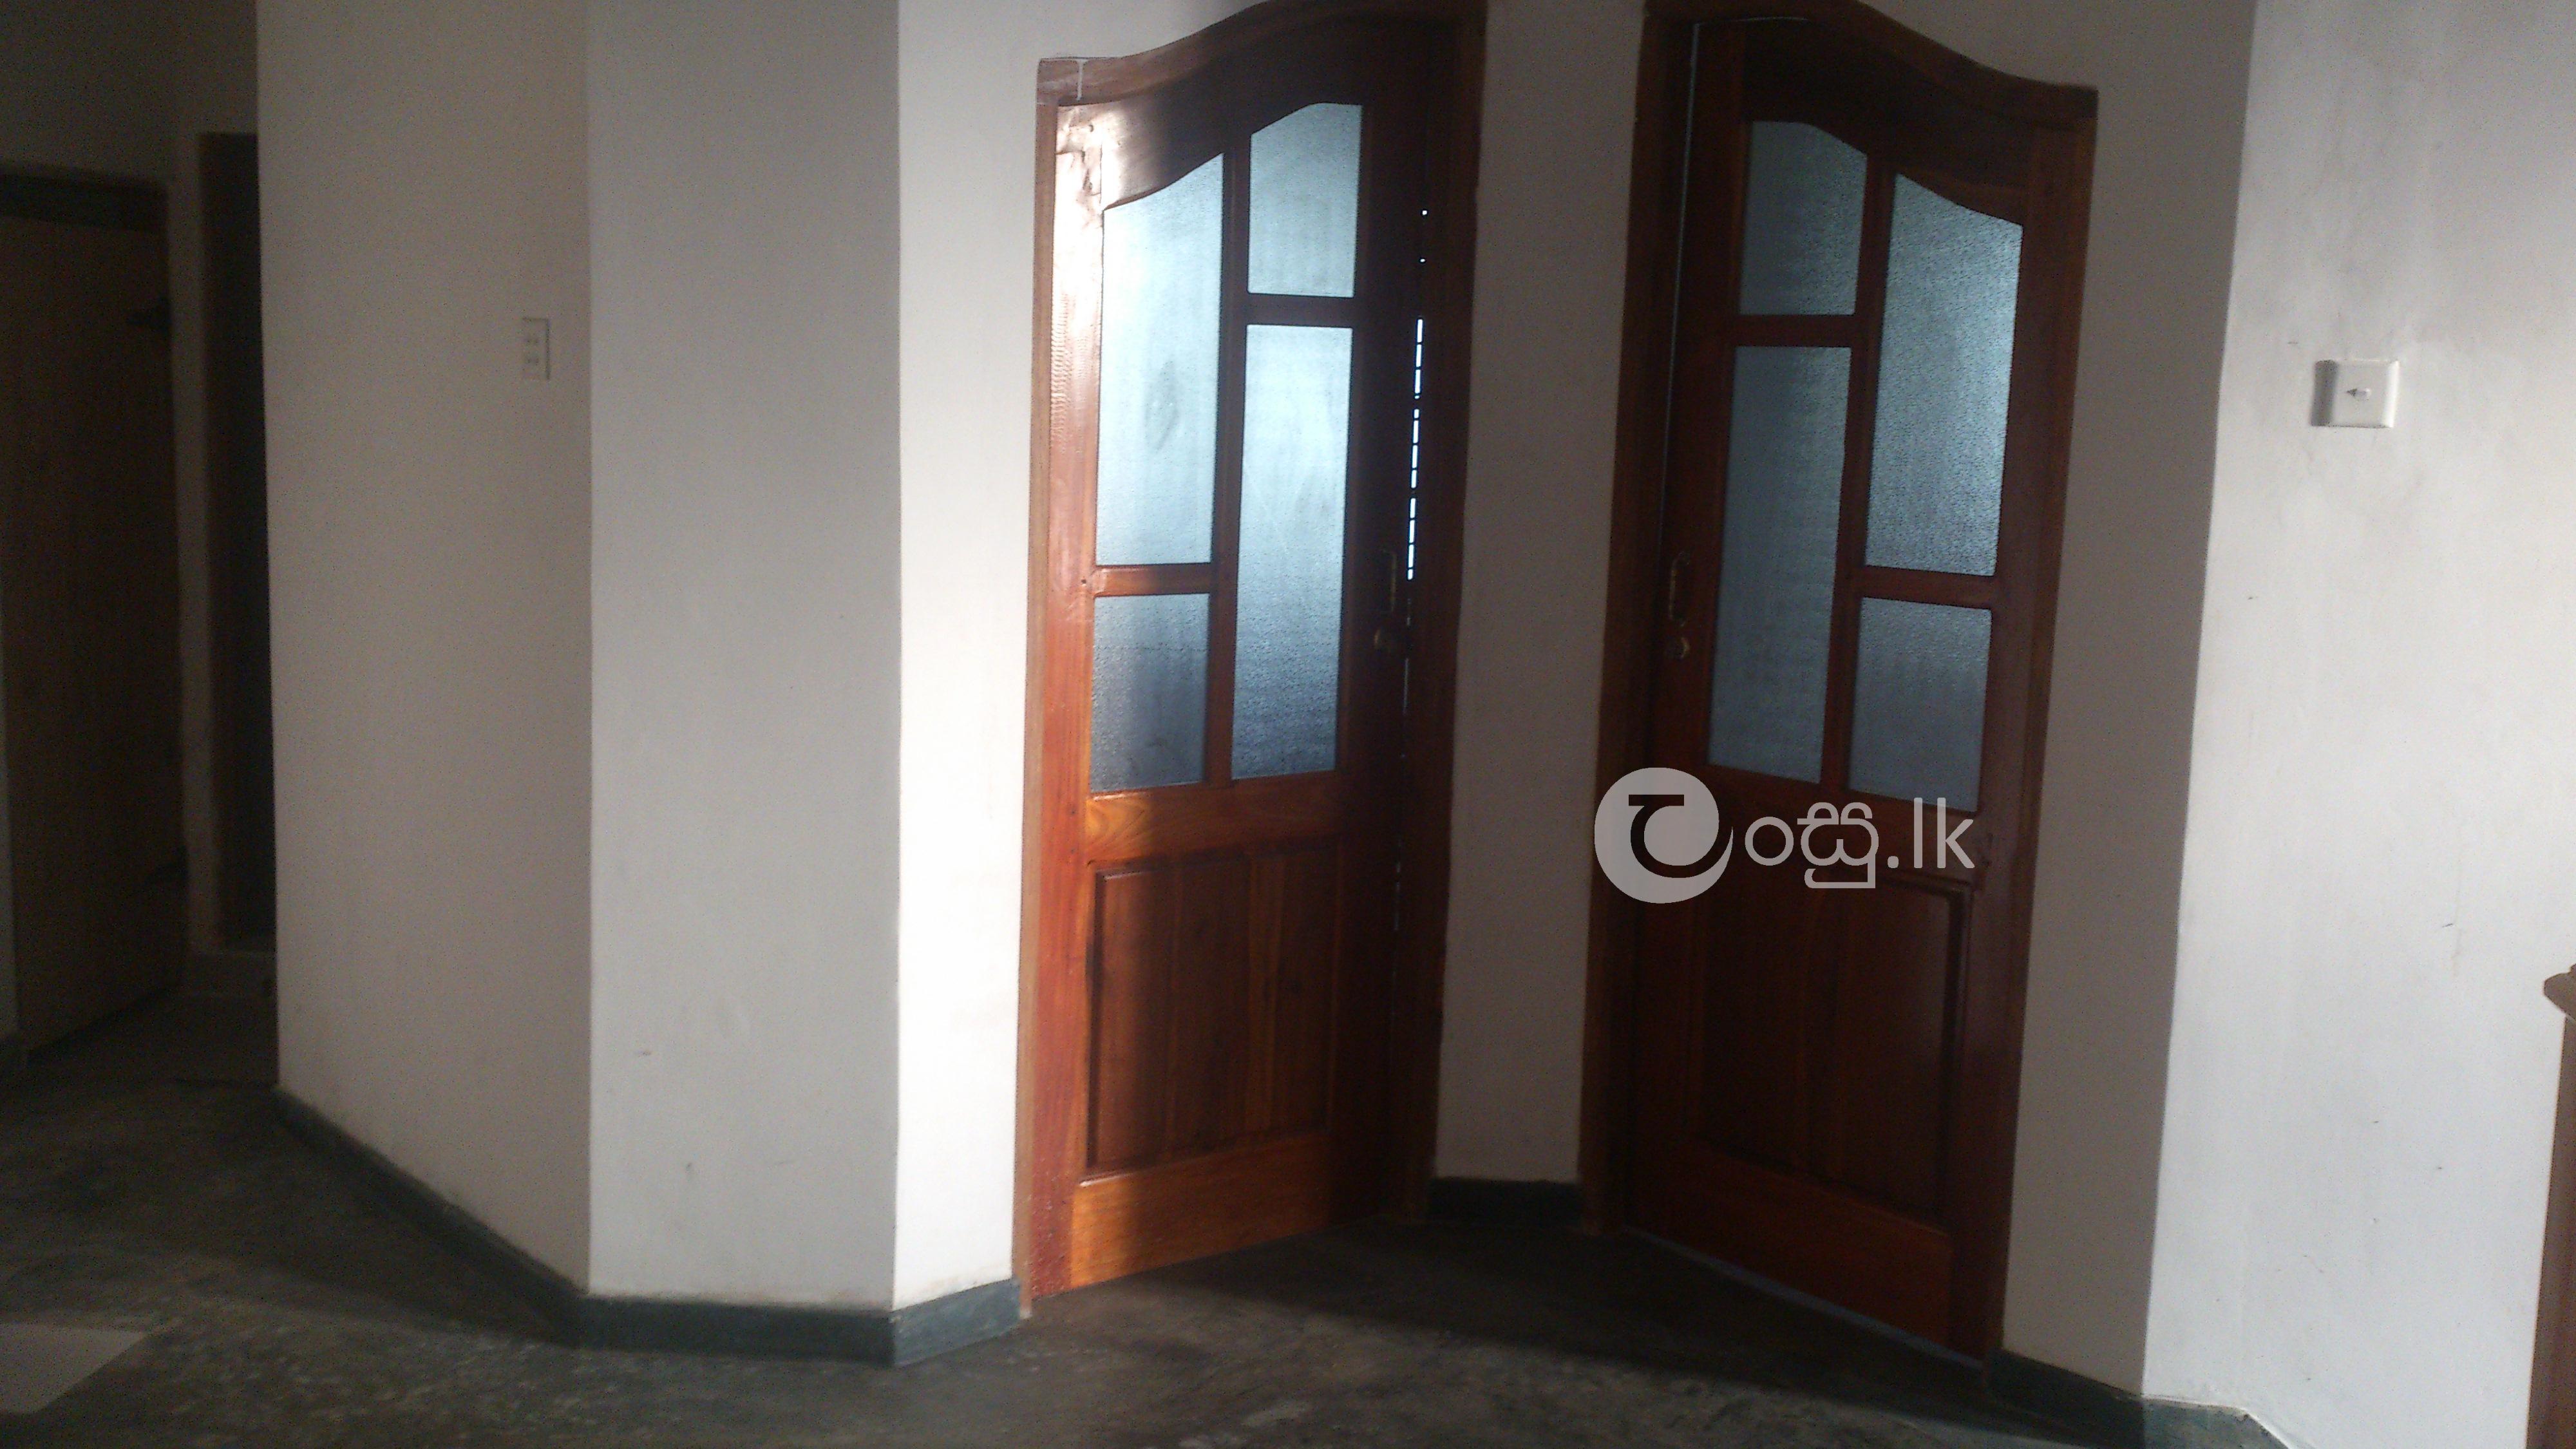 House for Immediate Sale in Badulla  Houses in Badulla